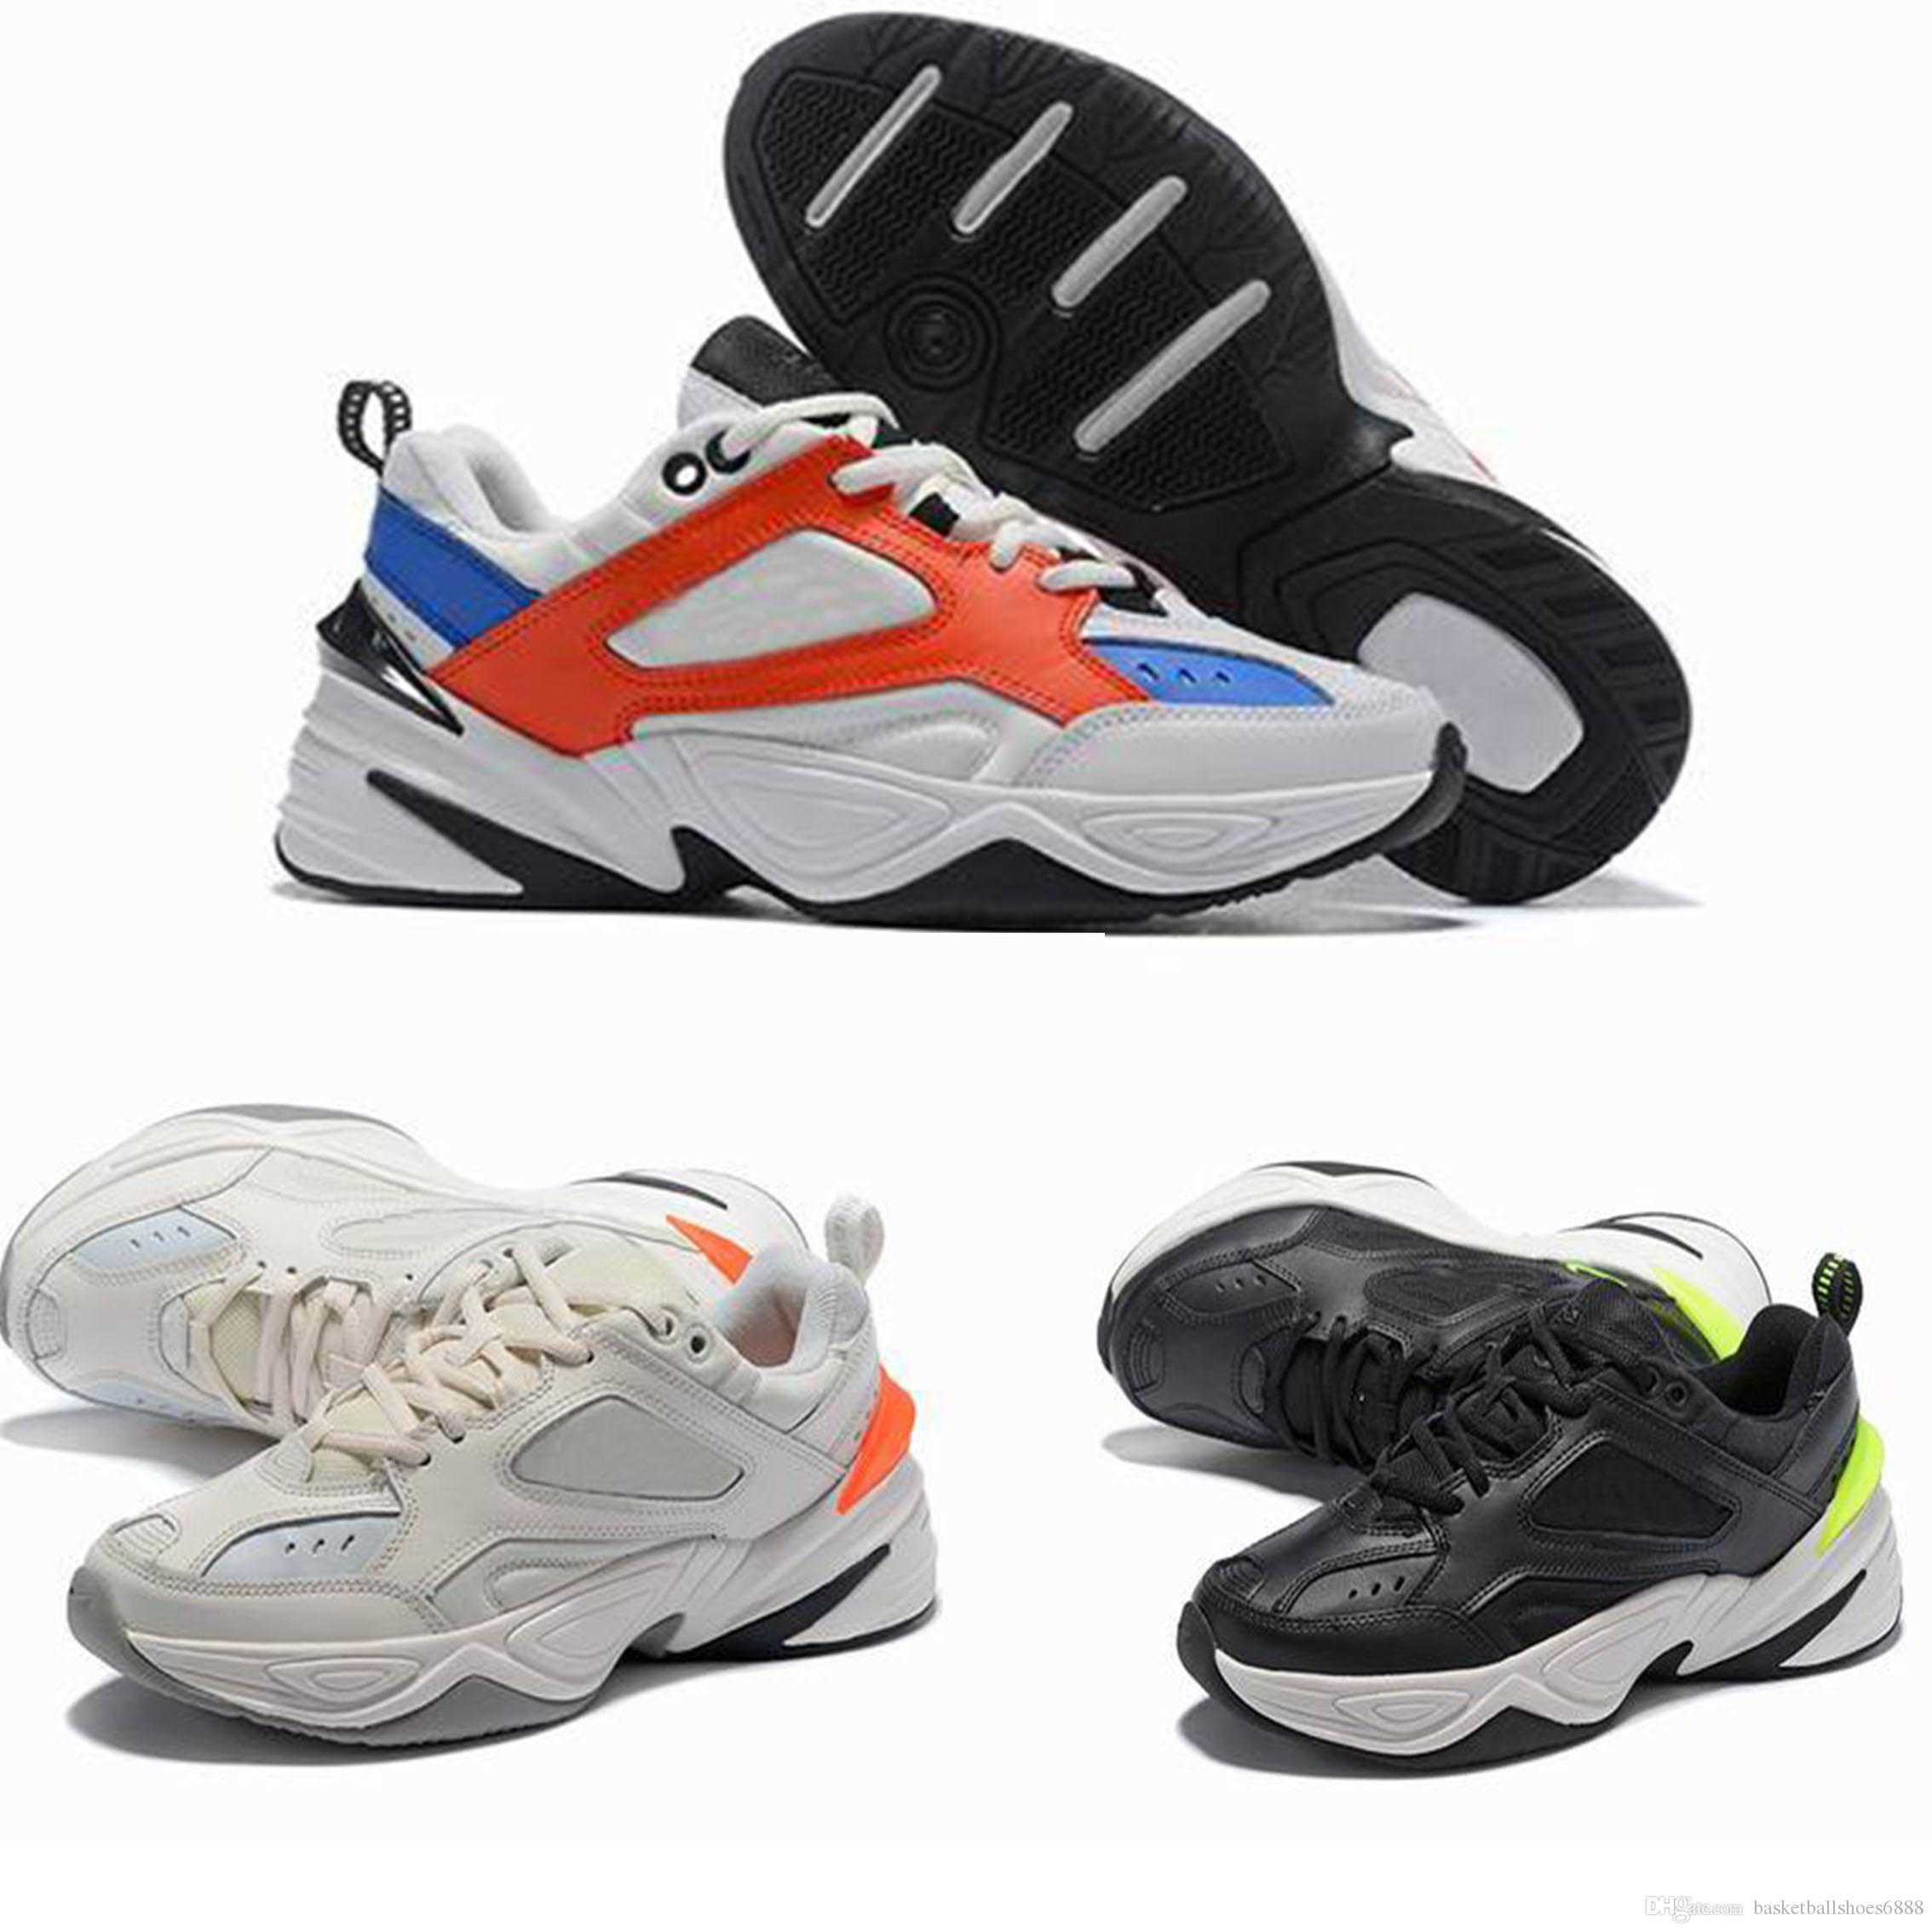 6253bb3a6221 Venta caliente M2K Tekno Dad Sports Running Shoes Mujeres de calidad  superior para hombre Zapatillas deportivas de los zapatillas deportivas de  los ...